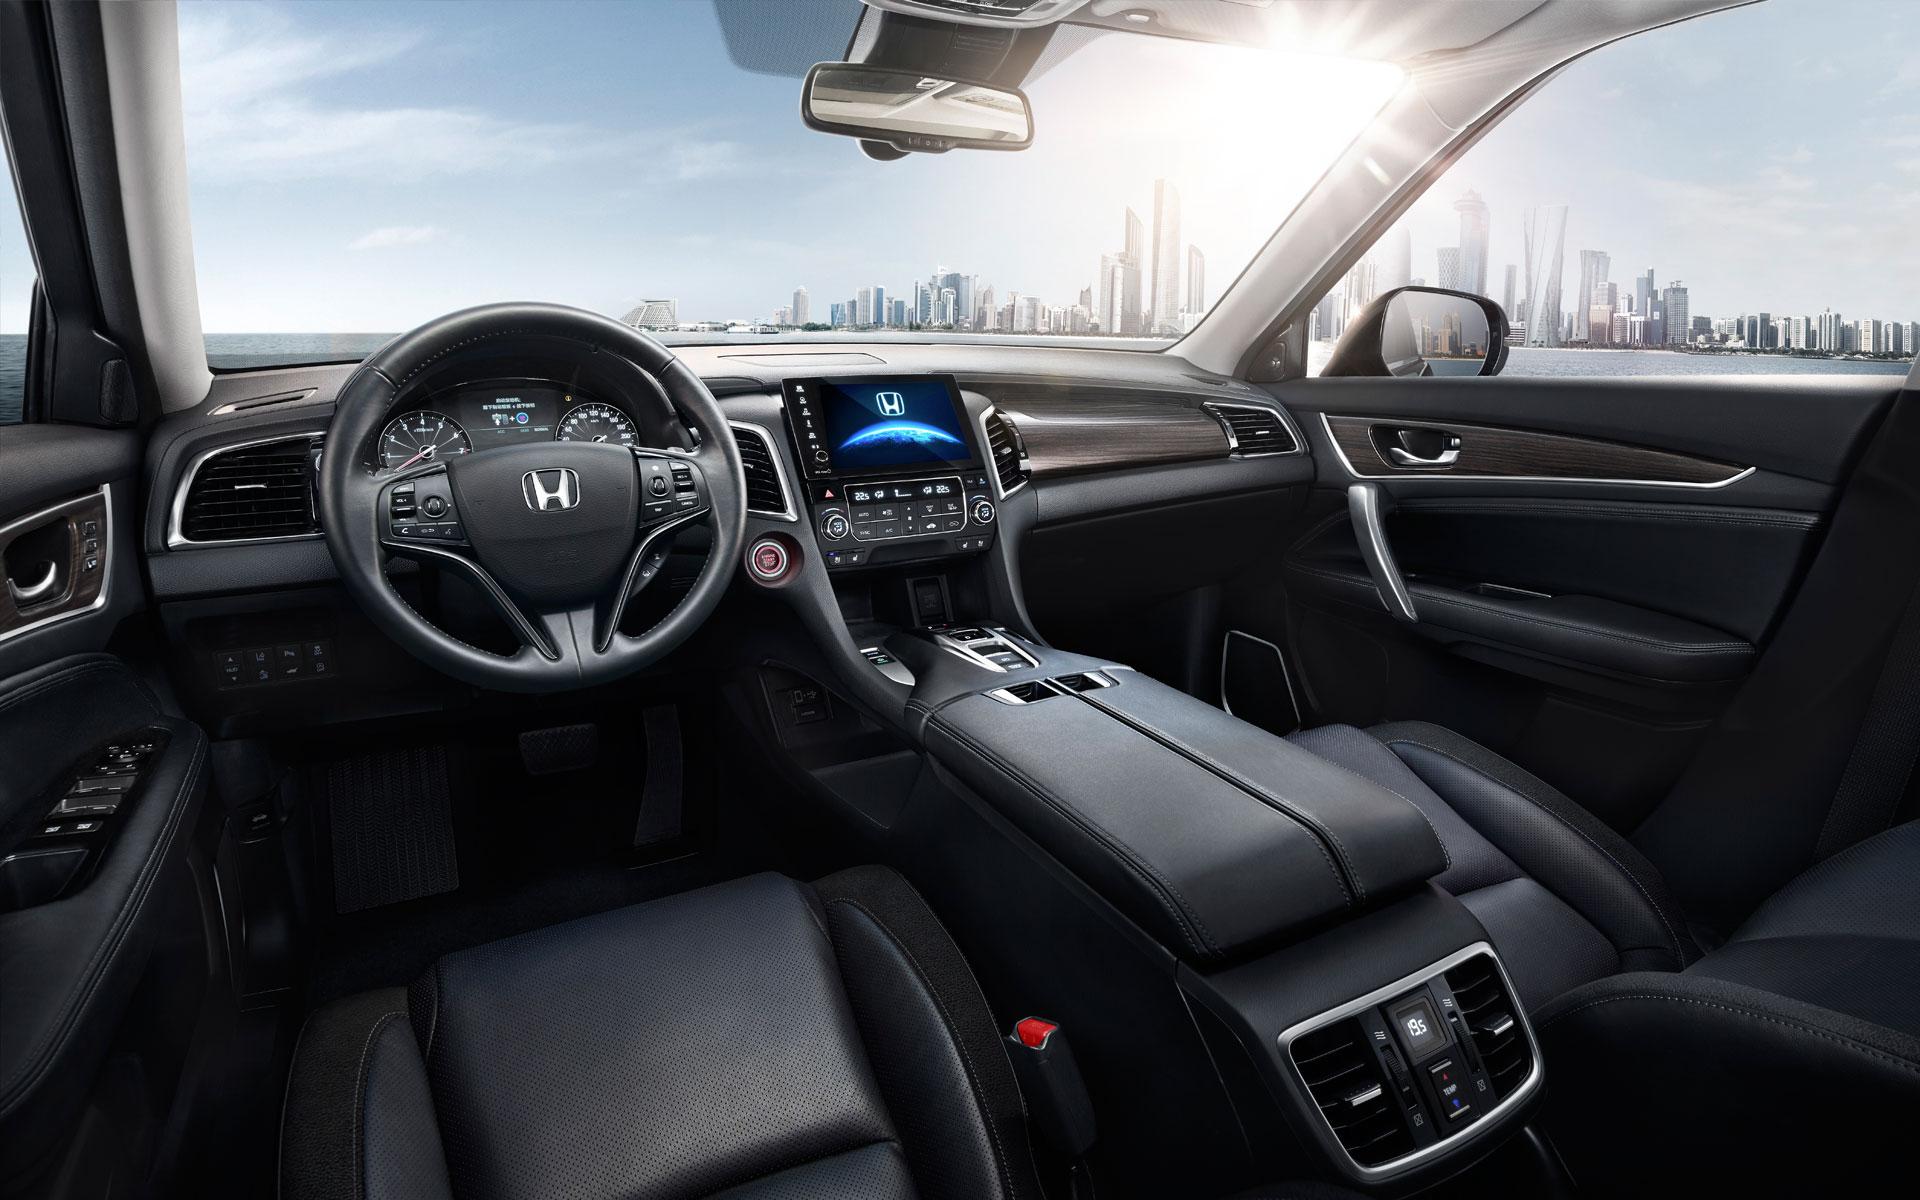 Honda Avancier SUV launched in China – 2.0T, 9AT Image 482694